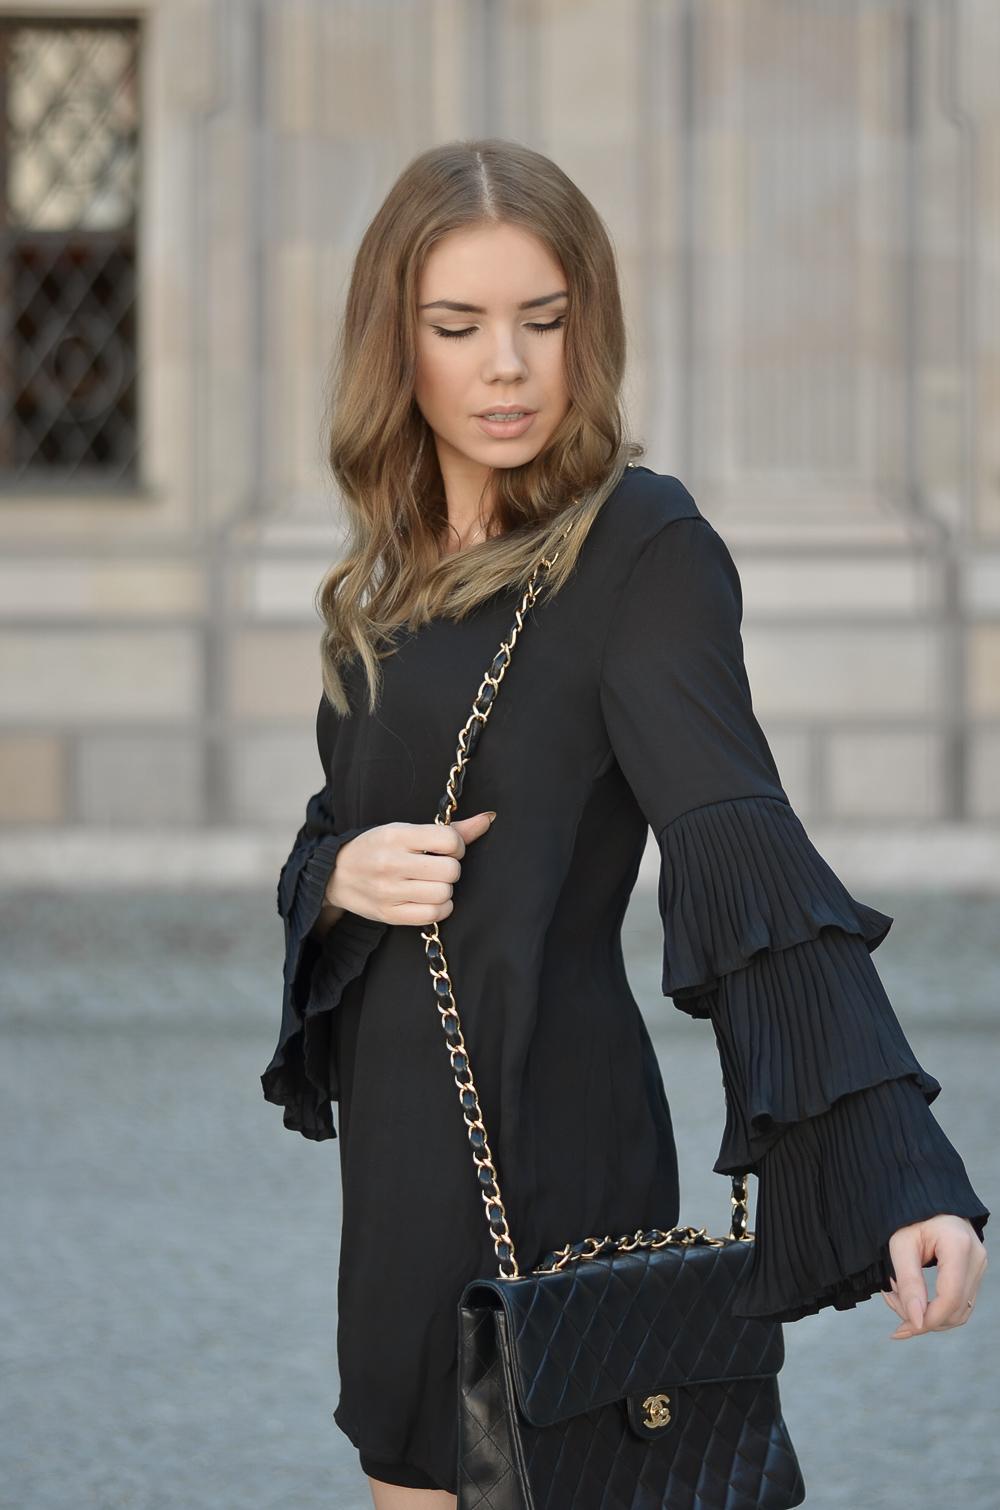 Schwarzes Kleid mit Chanel Tasche